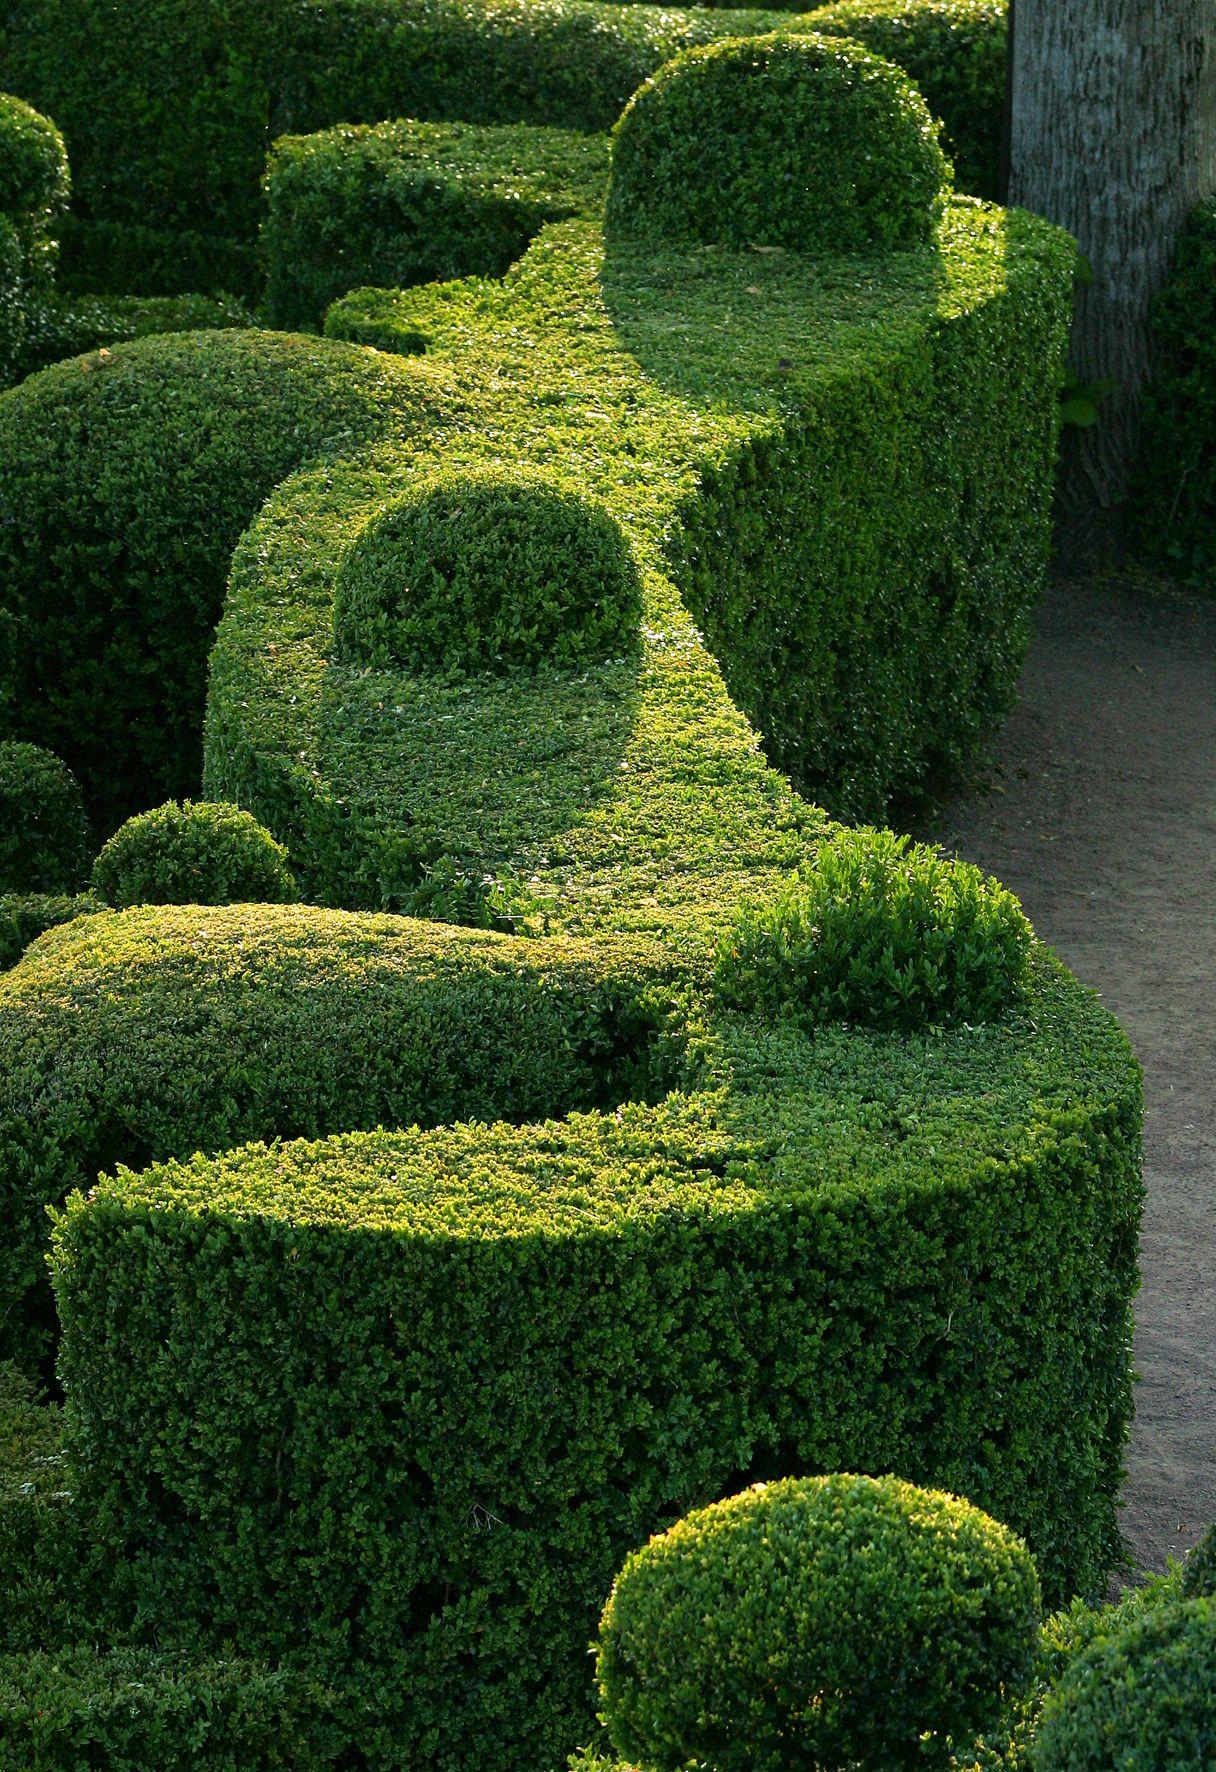 boxwood shapes   Les jardins de Marqueyssac - Belvédère de la Dordogne (tourisme ...